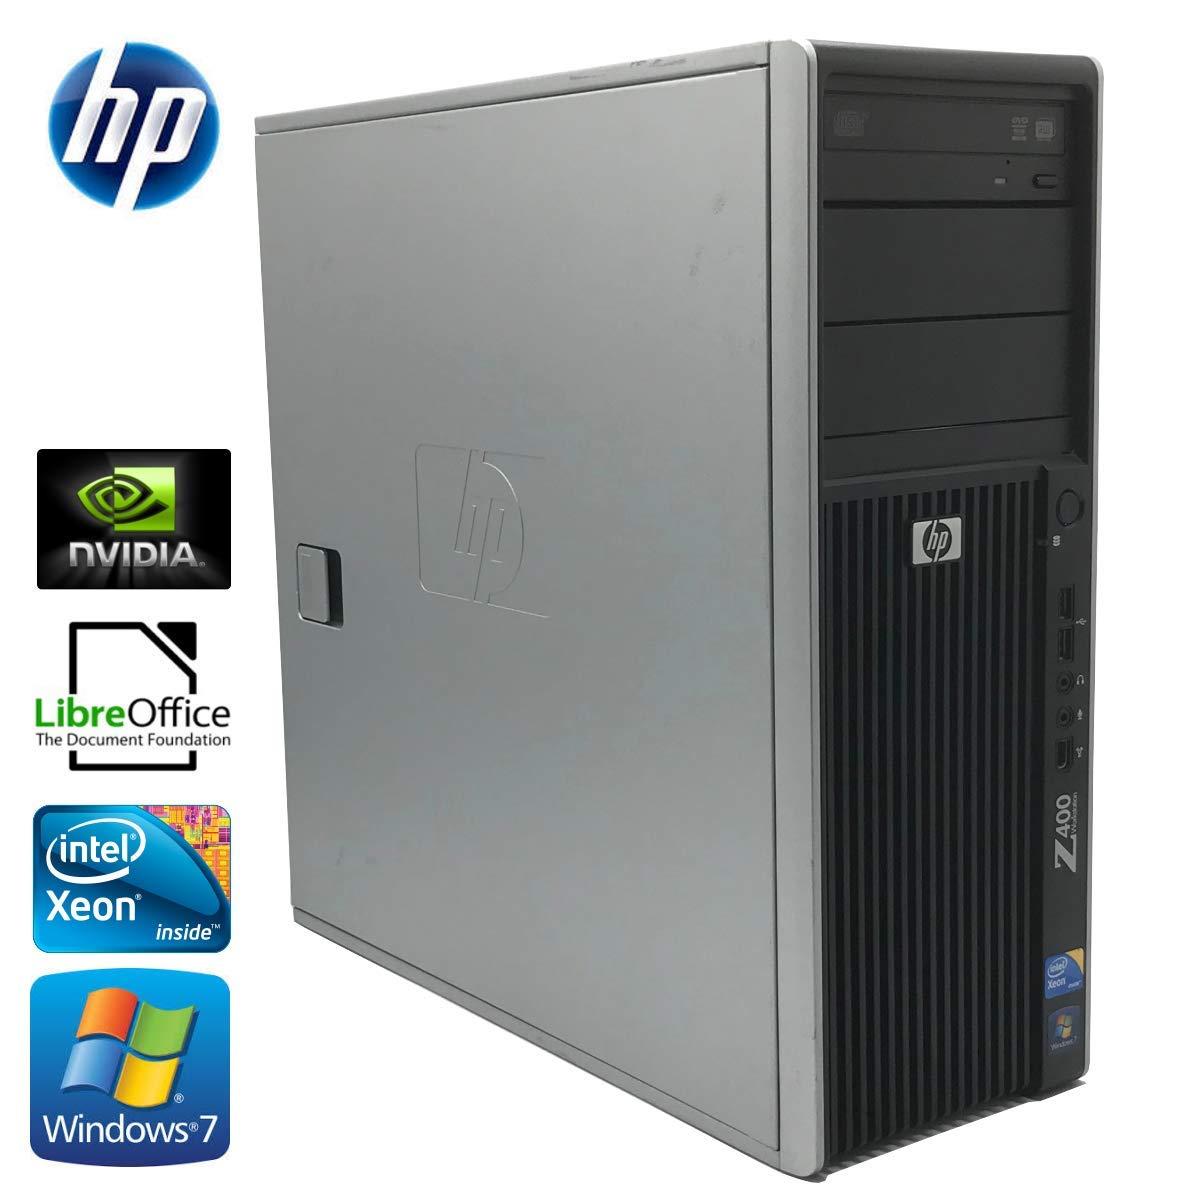 【在庫あり/即出荷可】 中古デスクトップパソコン MULTI HP Z400 Workstation Xeon Quadro W3690 3.47GHz FX3800 8GB SSD128GB+HDD1TB Win7 Pro 64bit MULTI Quadro FX3800 B00F9UE2P0, 名入れギフトのペン ソロディレイ:b766dc43 --- arbimovel.dominiotemporario.com